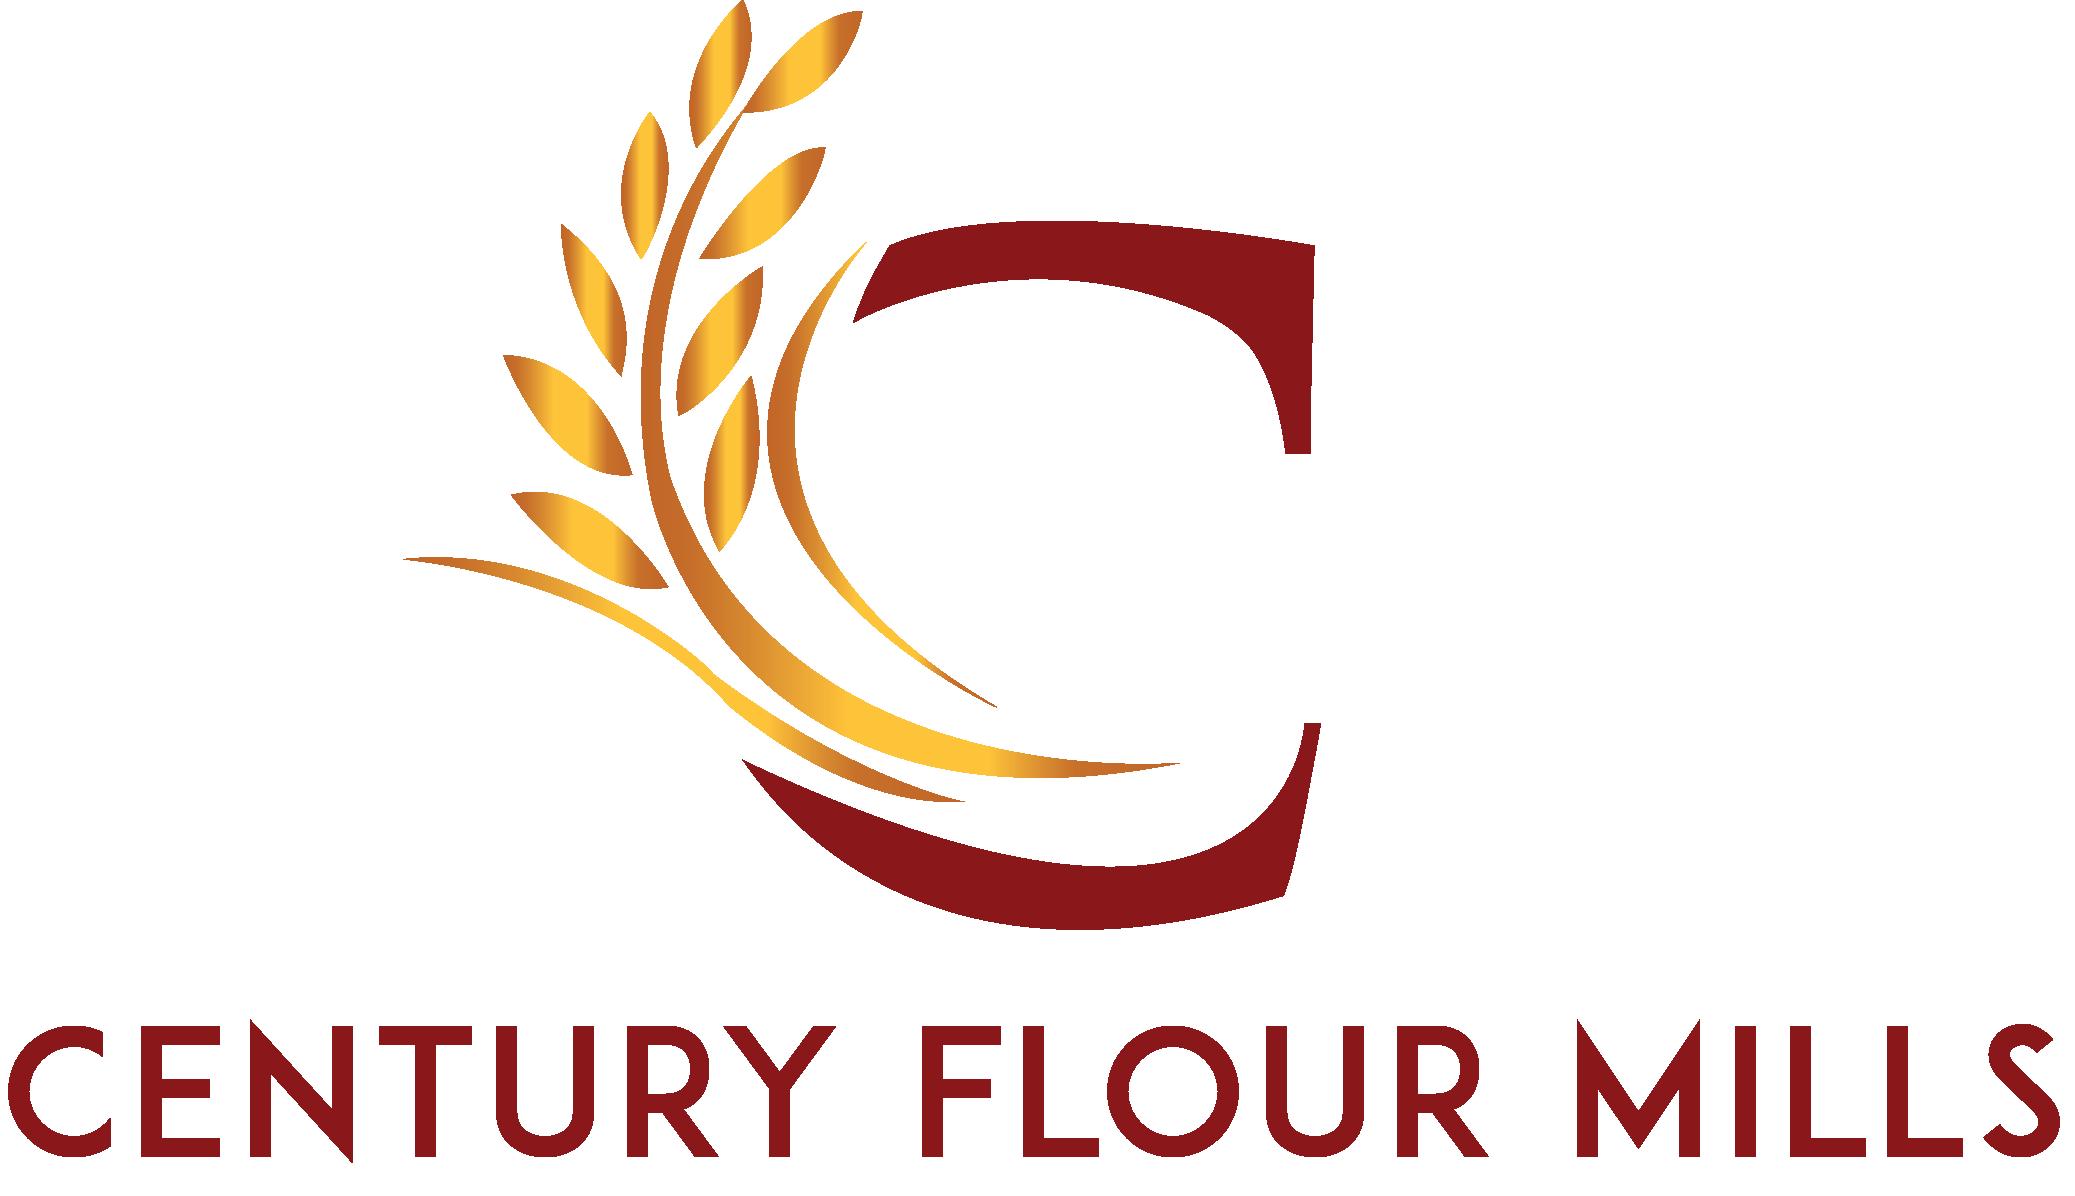 CENTURY FLOUR MILLS LTD